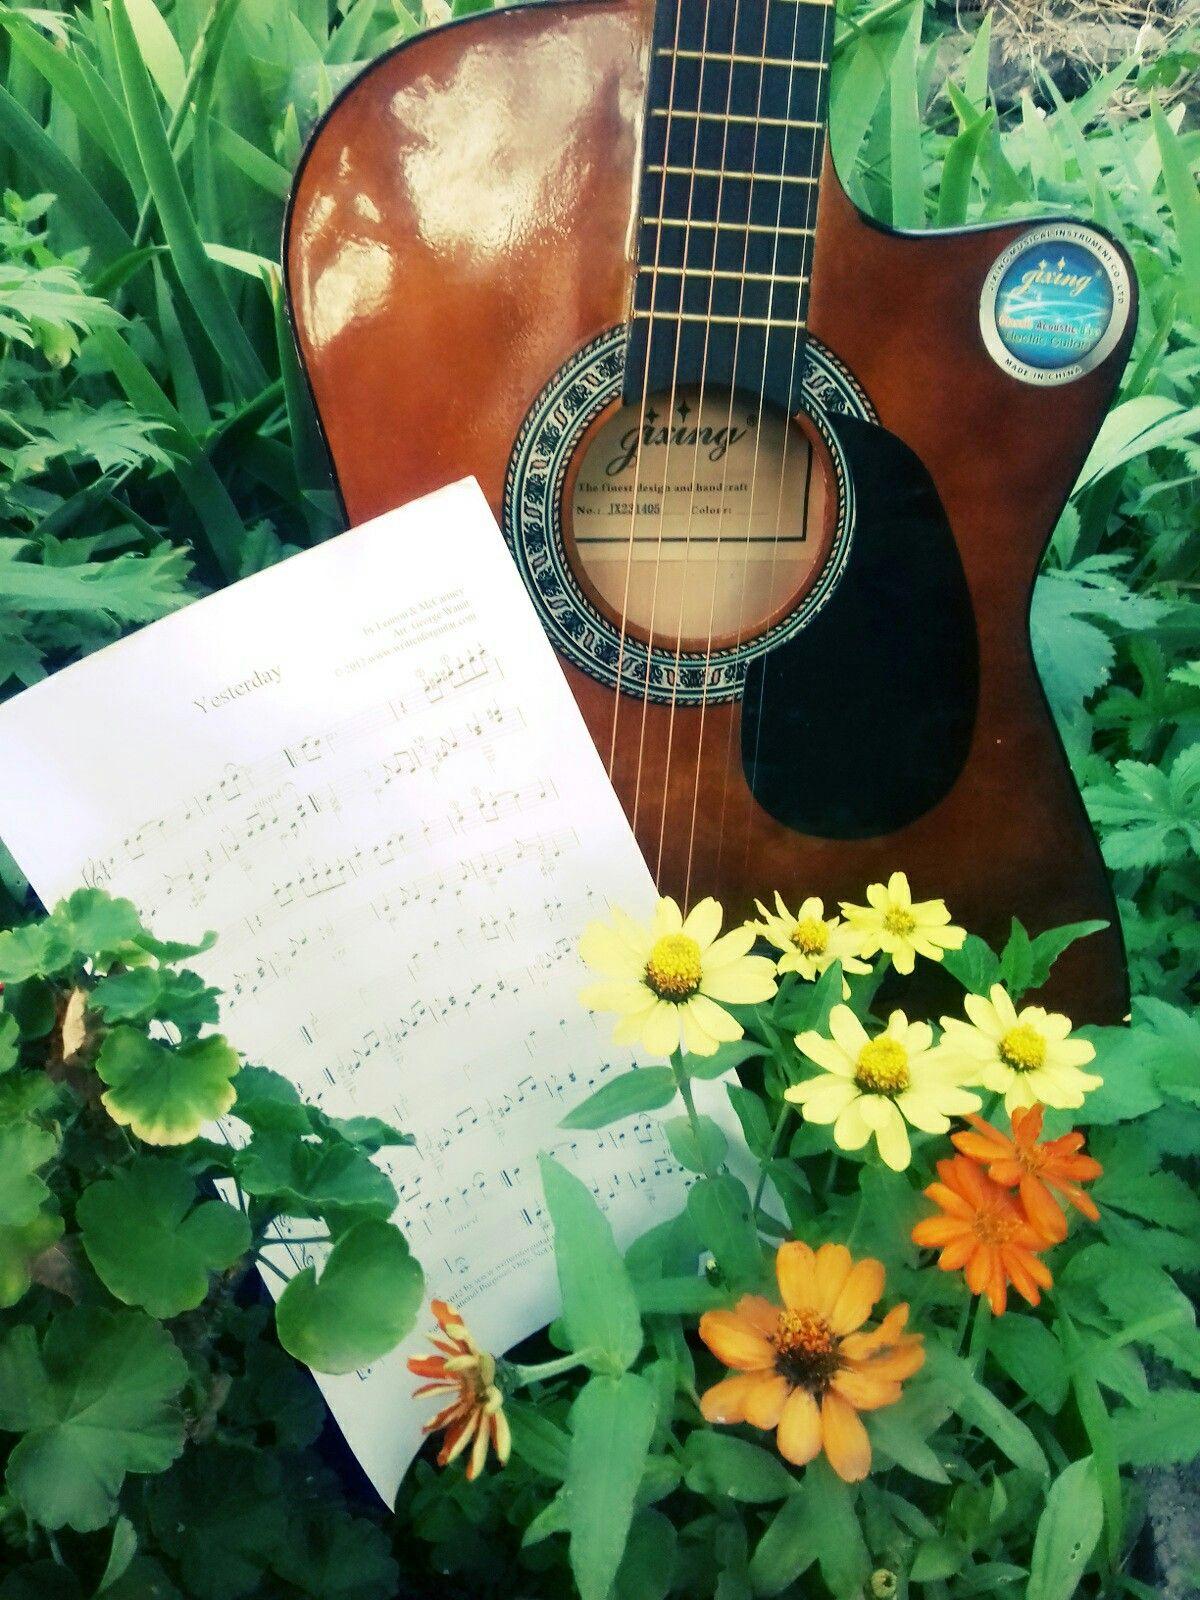 ходе картинка гитара ноты осень цветы хотела, чтобы